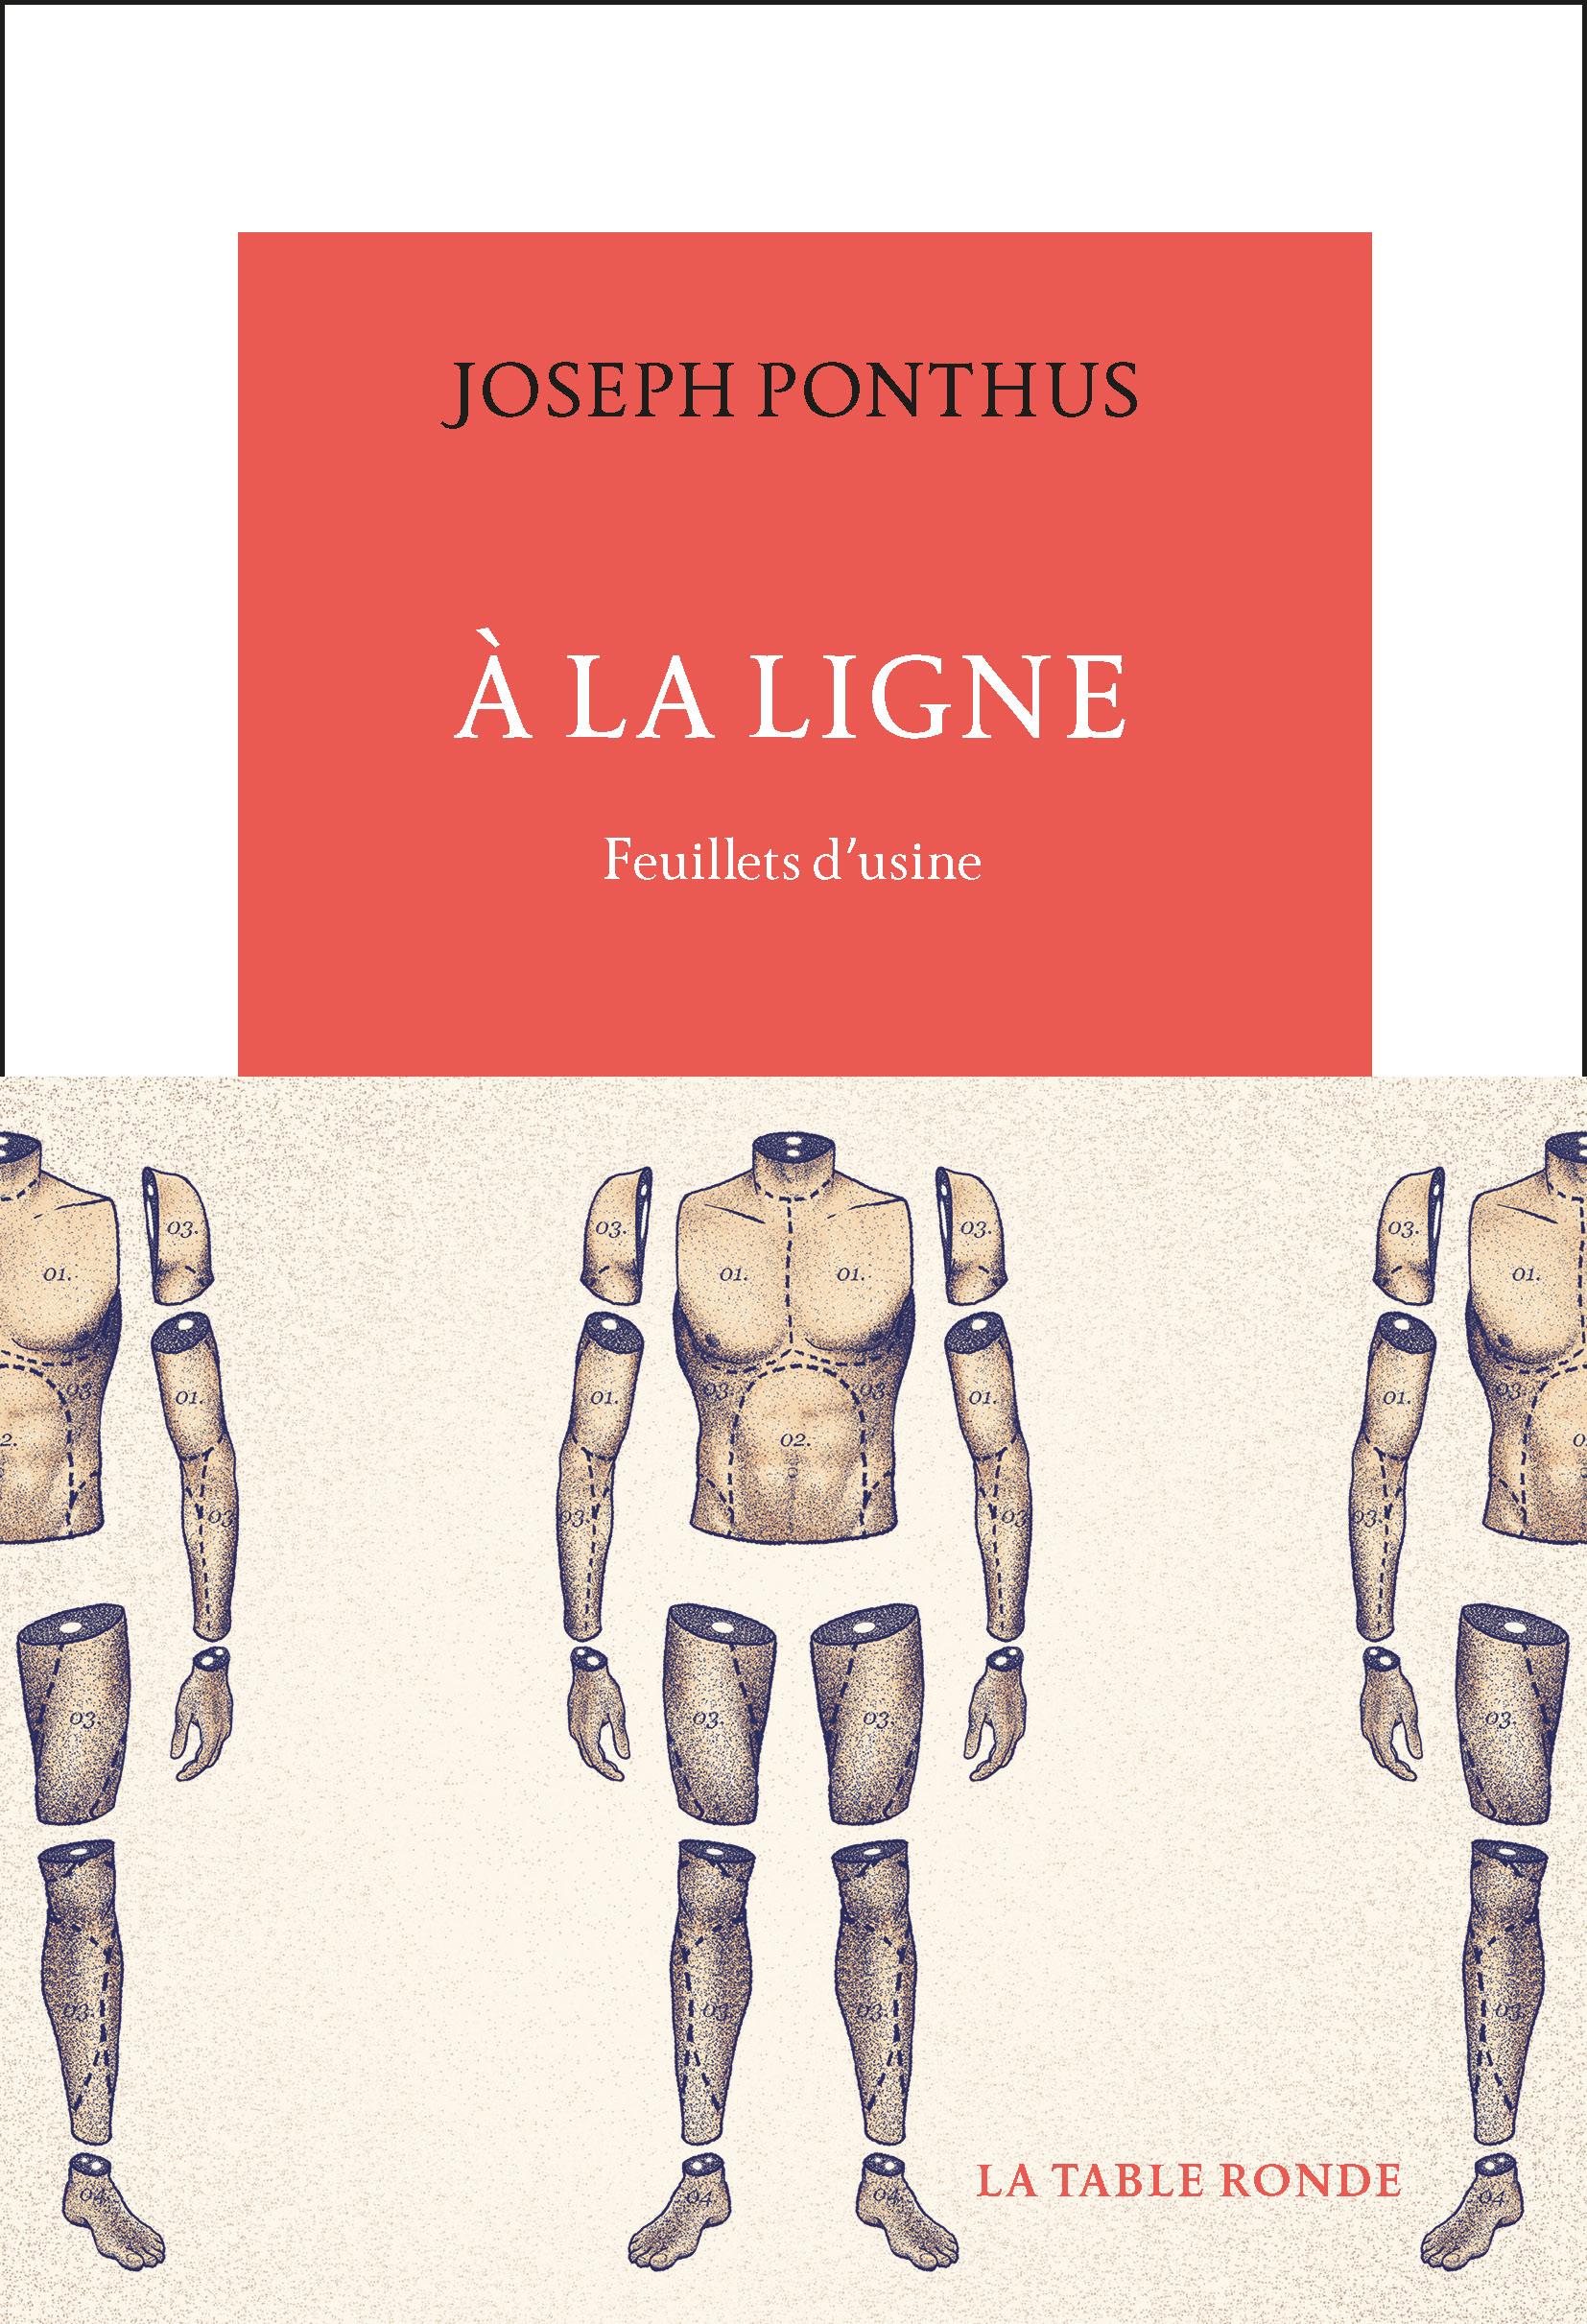 A la ligne : feuillets d'usine, de Joseph Ponthus